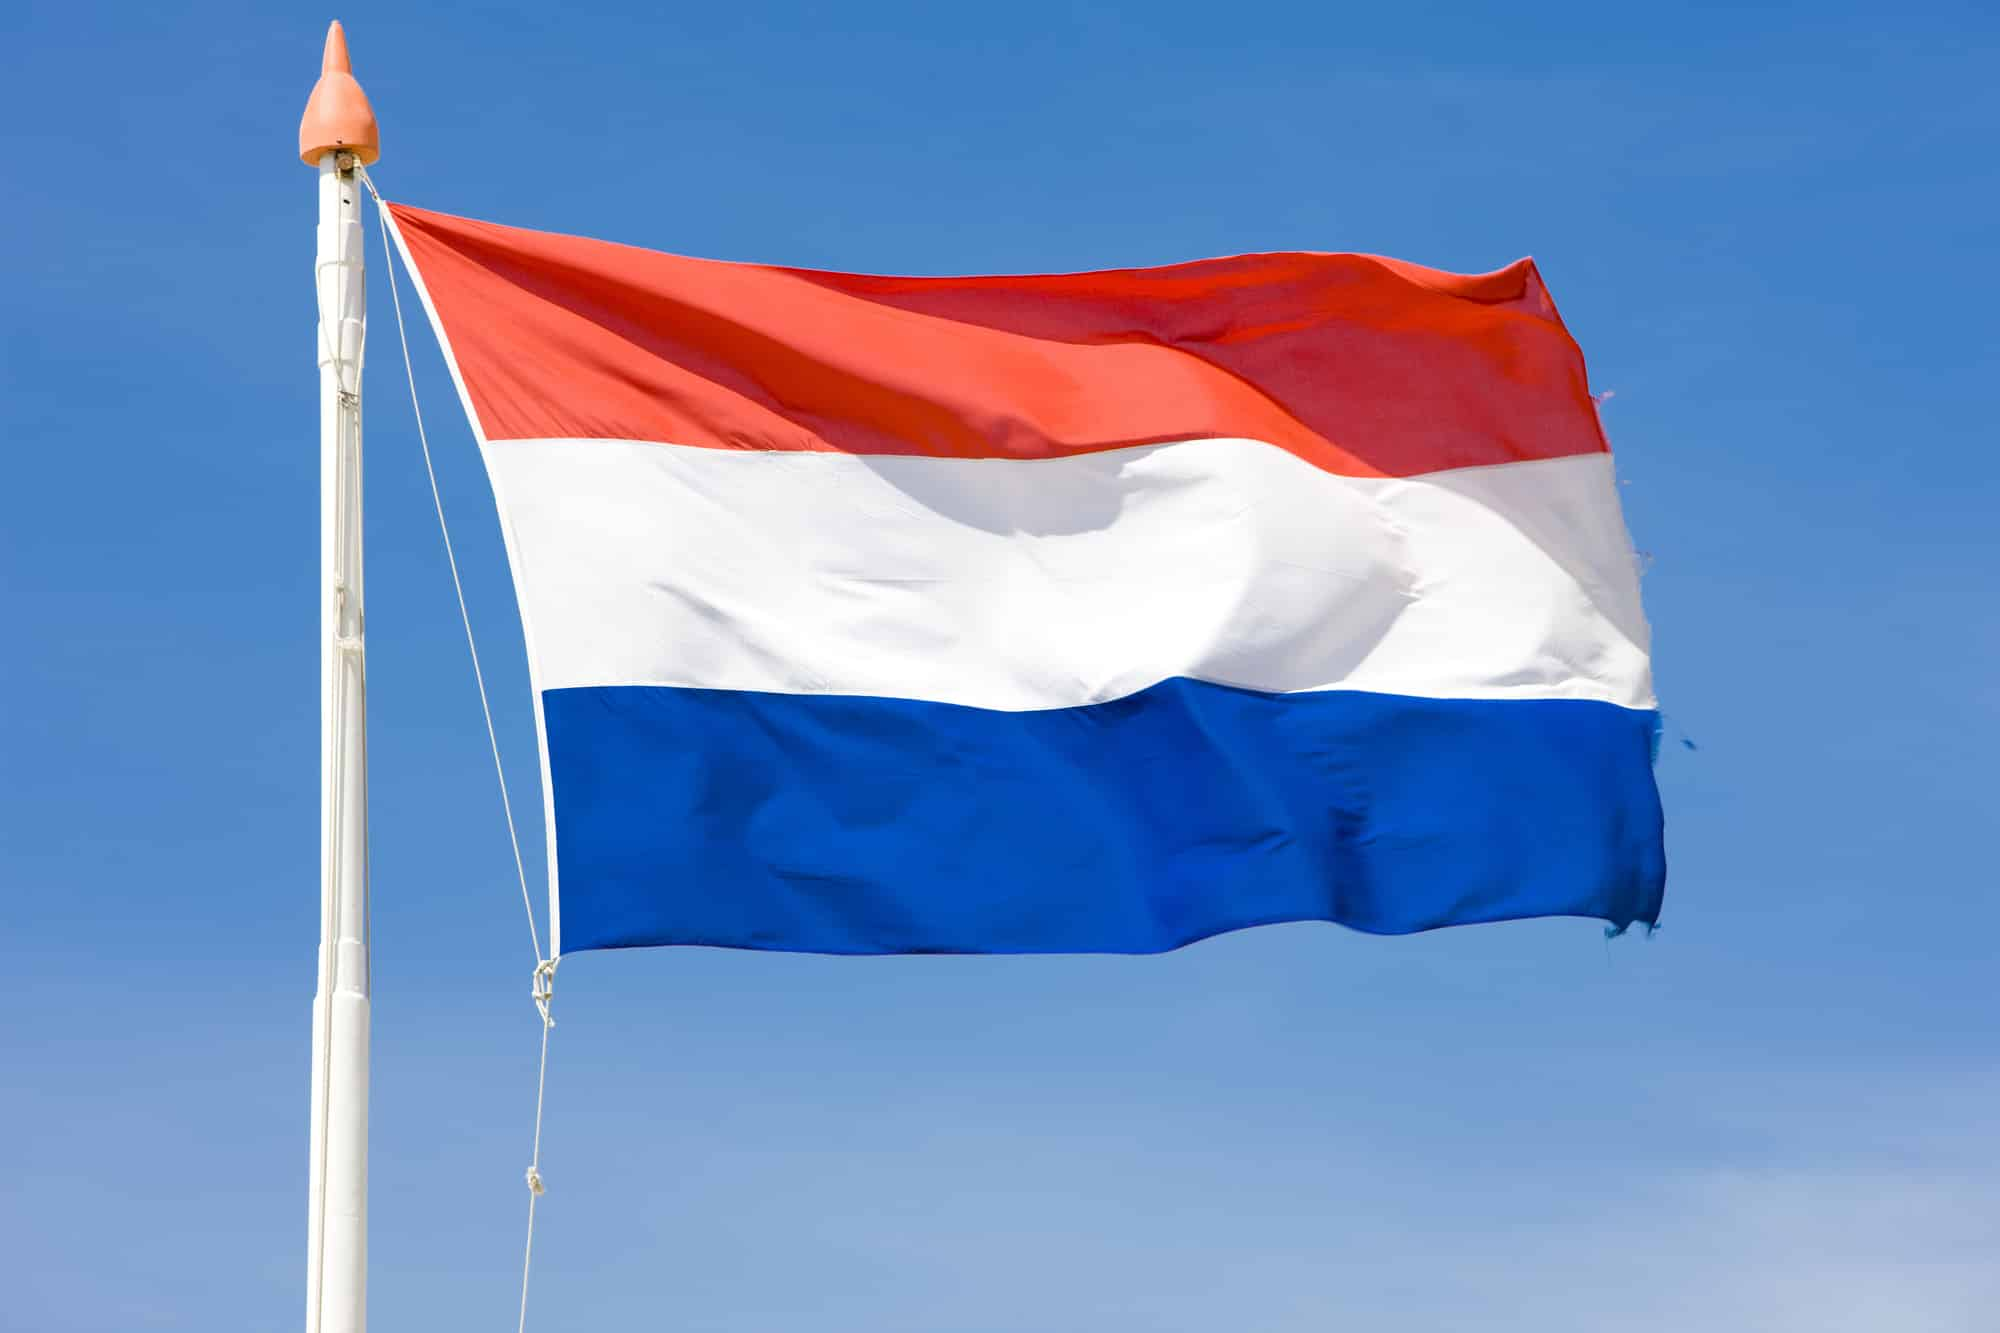 Niederländisch lernen: 6 Möglichkeiten + 2 Anfängerfehler